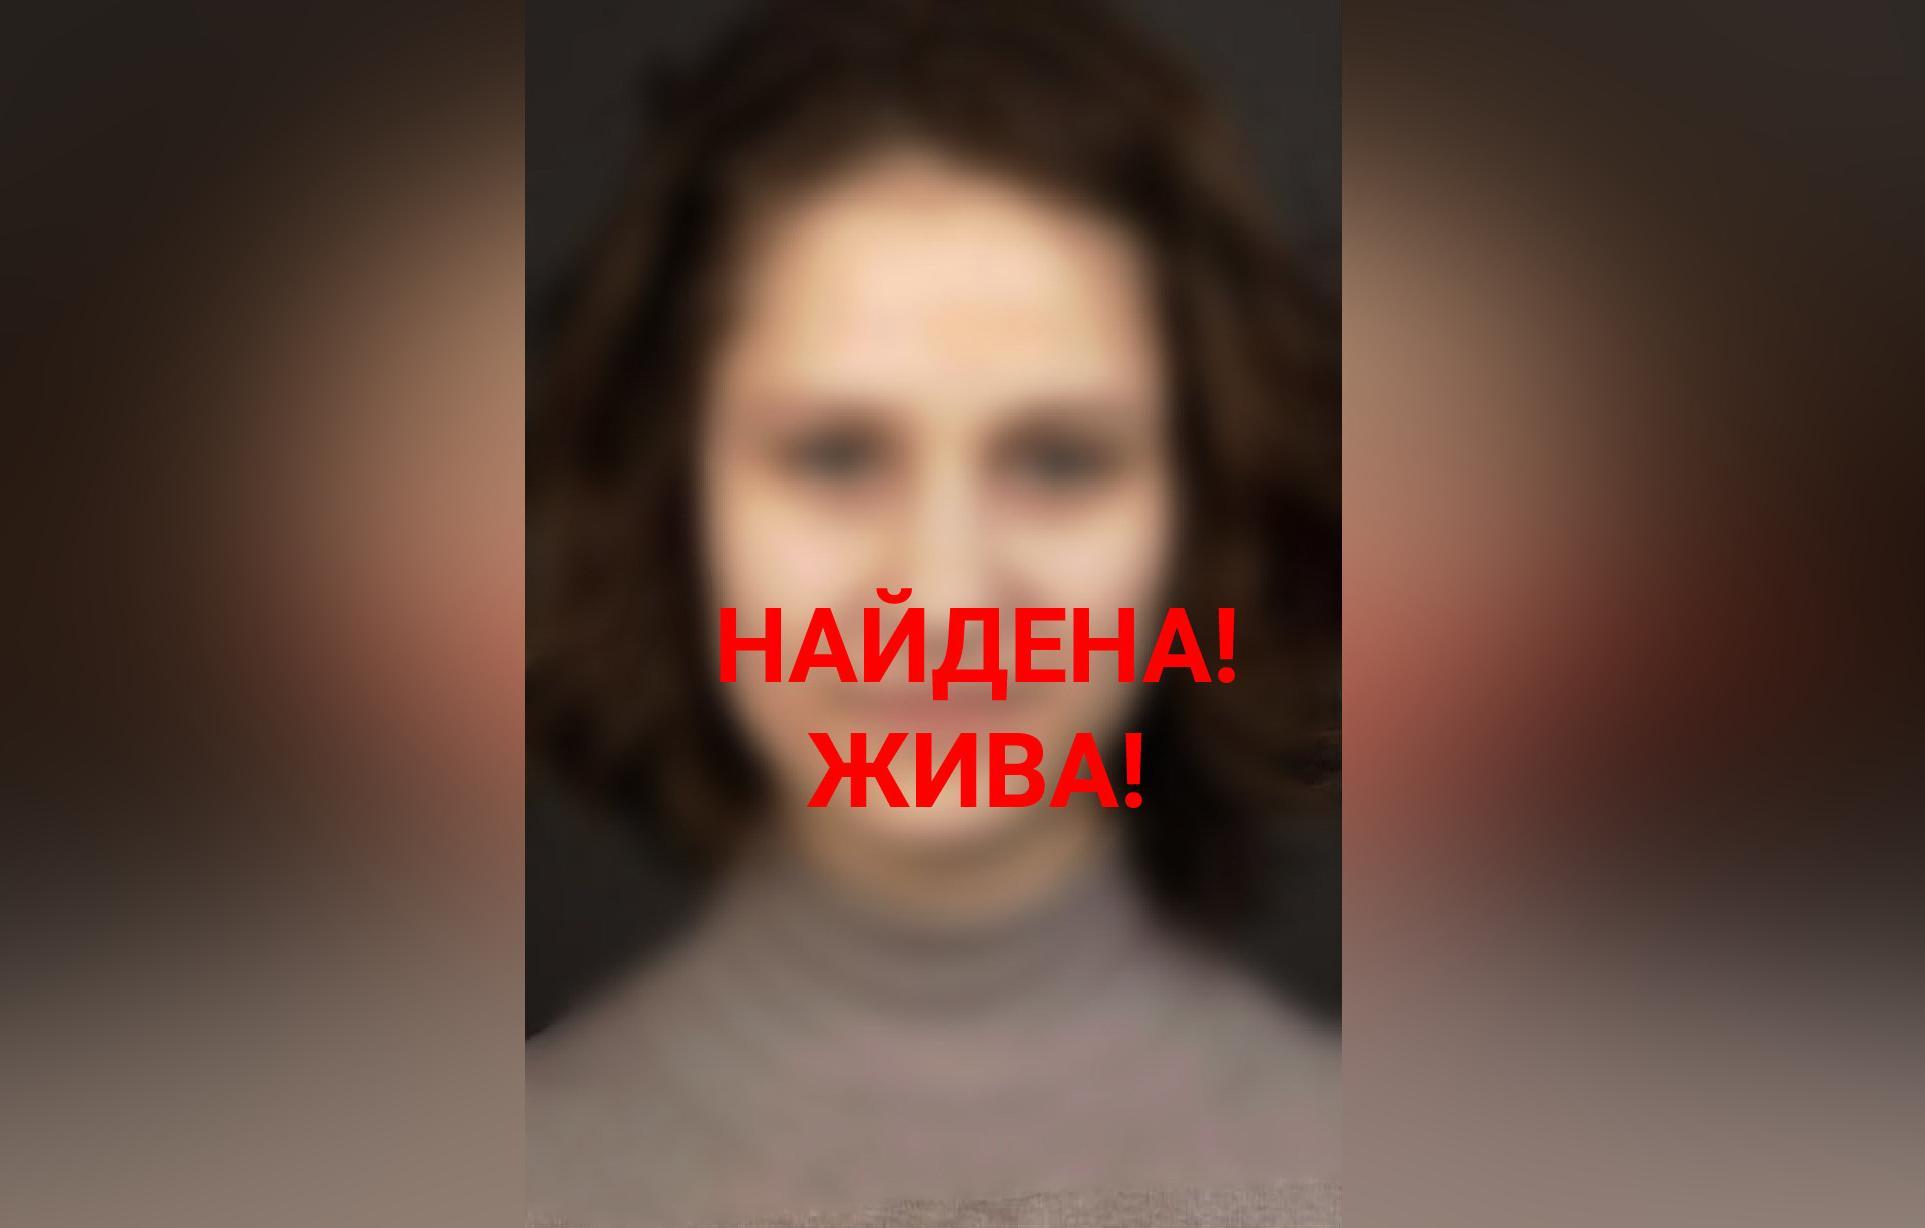 В Твери пропала 16-летняя девочка - новости Афанасий